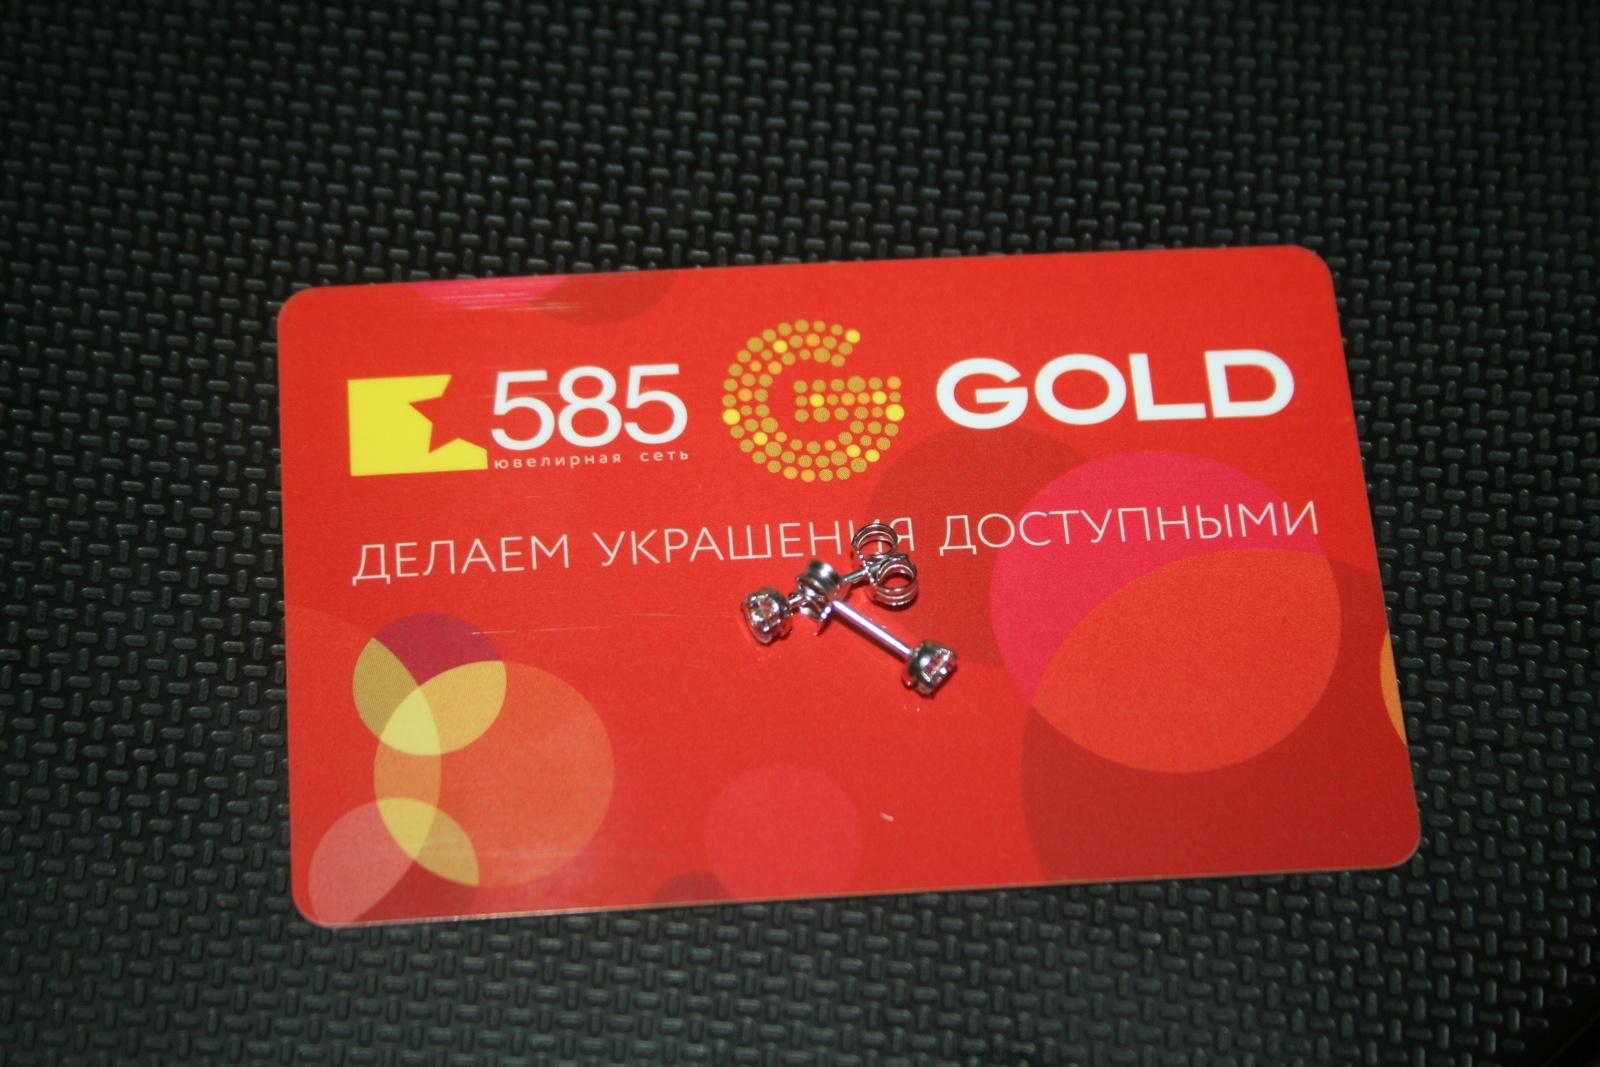 Золото 585 ру подарок по коду 115 81